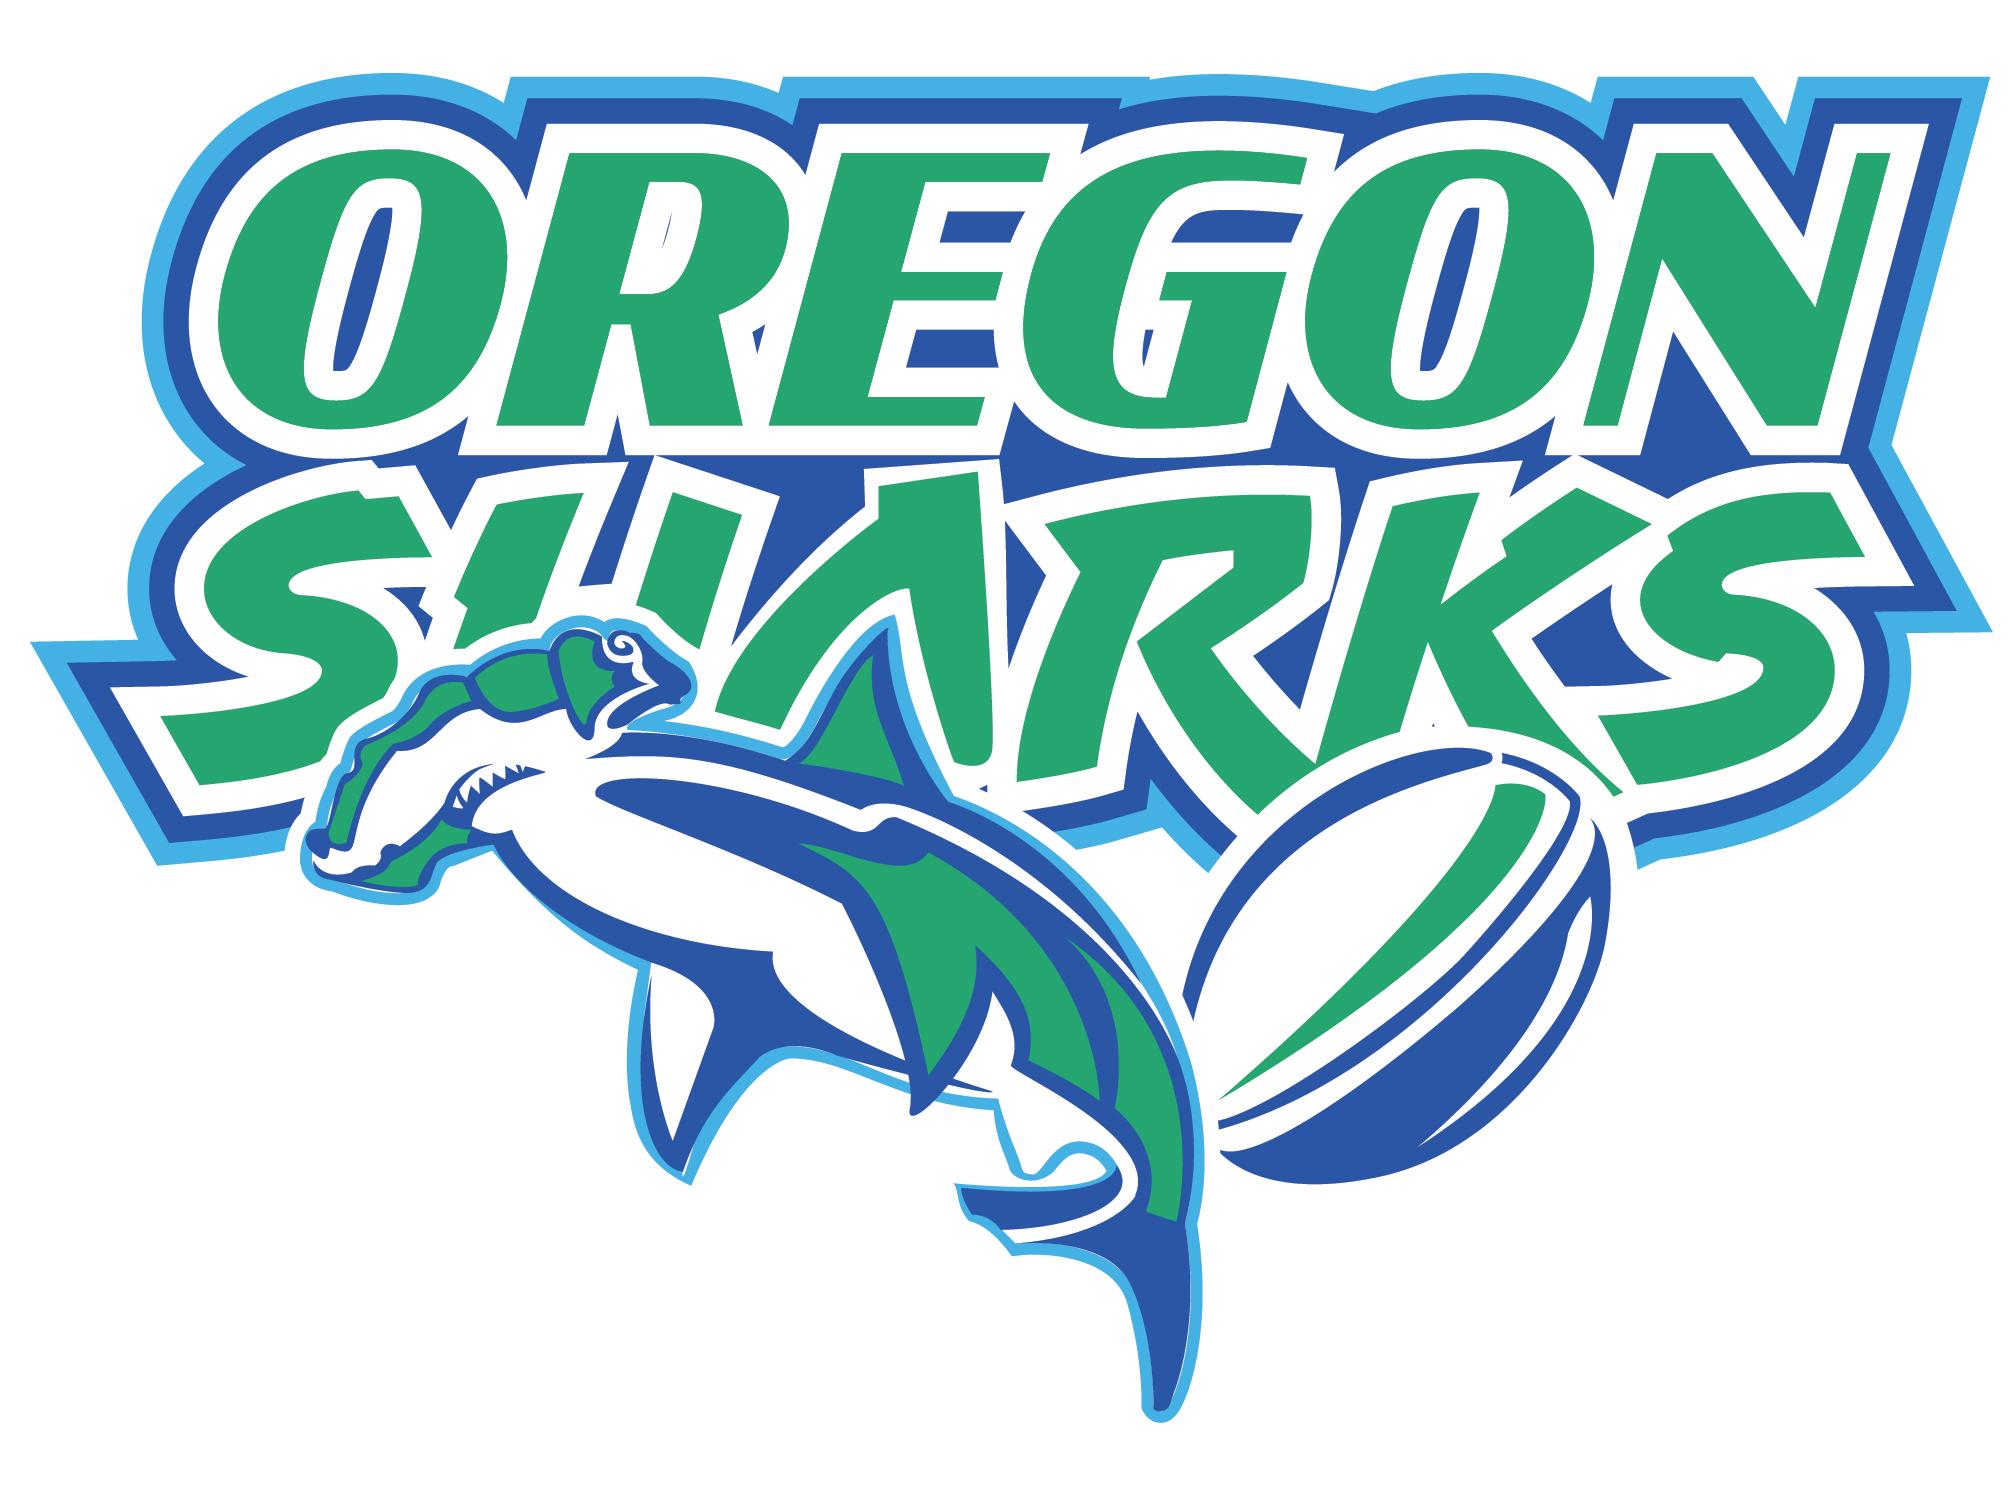 Sevens Rugby: Oregon Sharks